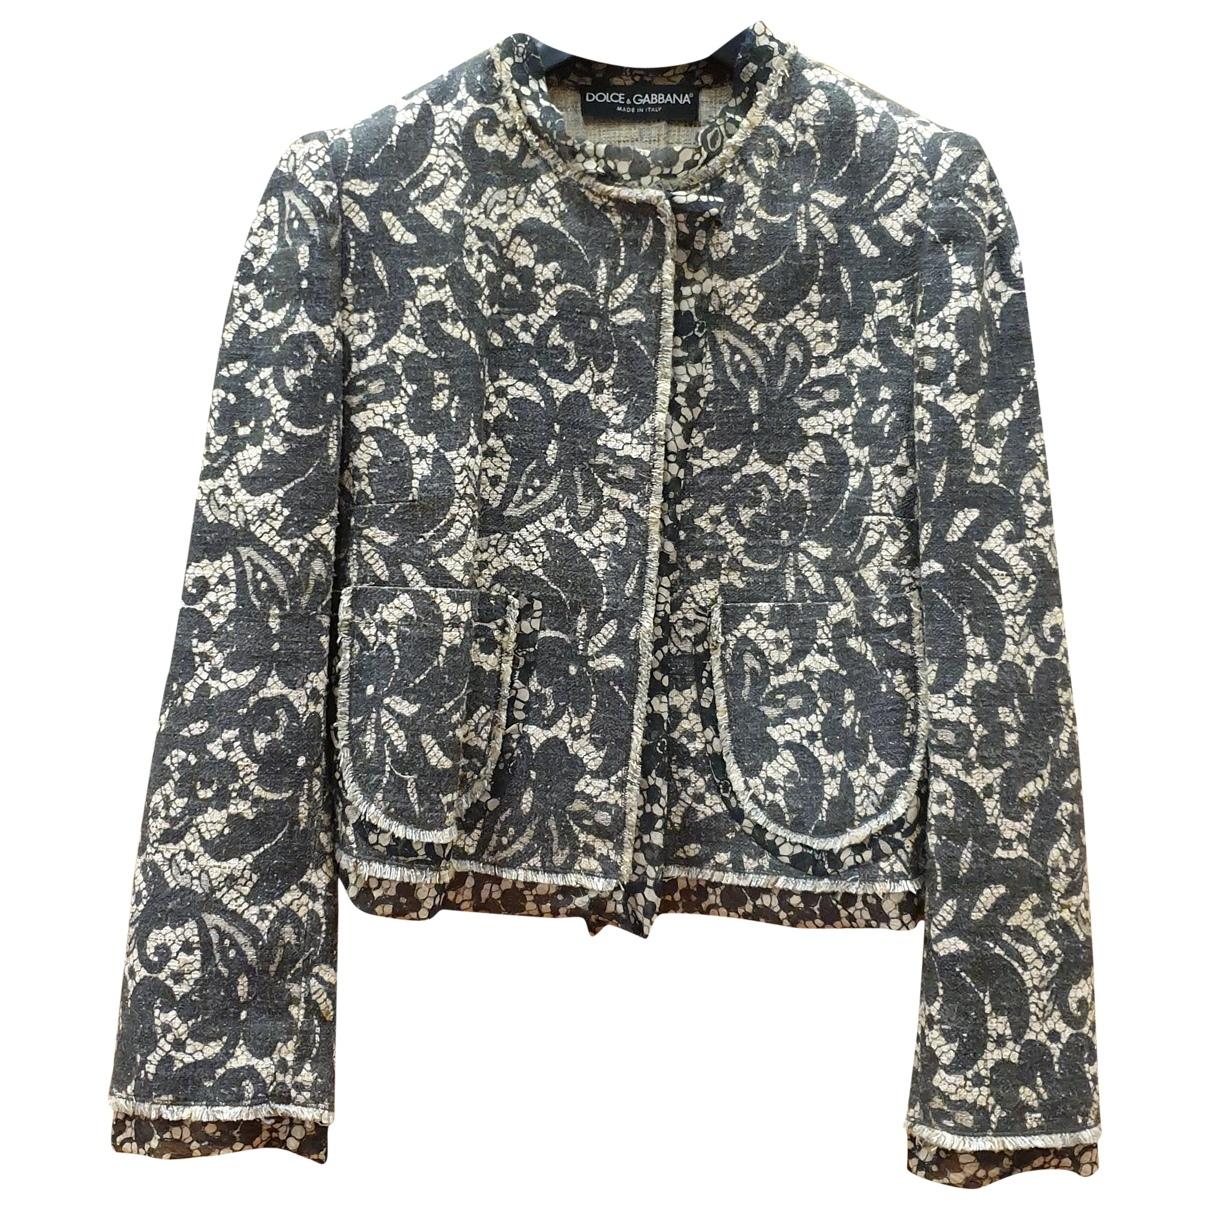 Dolce & Gabbana \N Jacke in  Bunt Seide